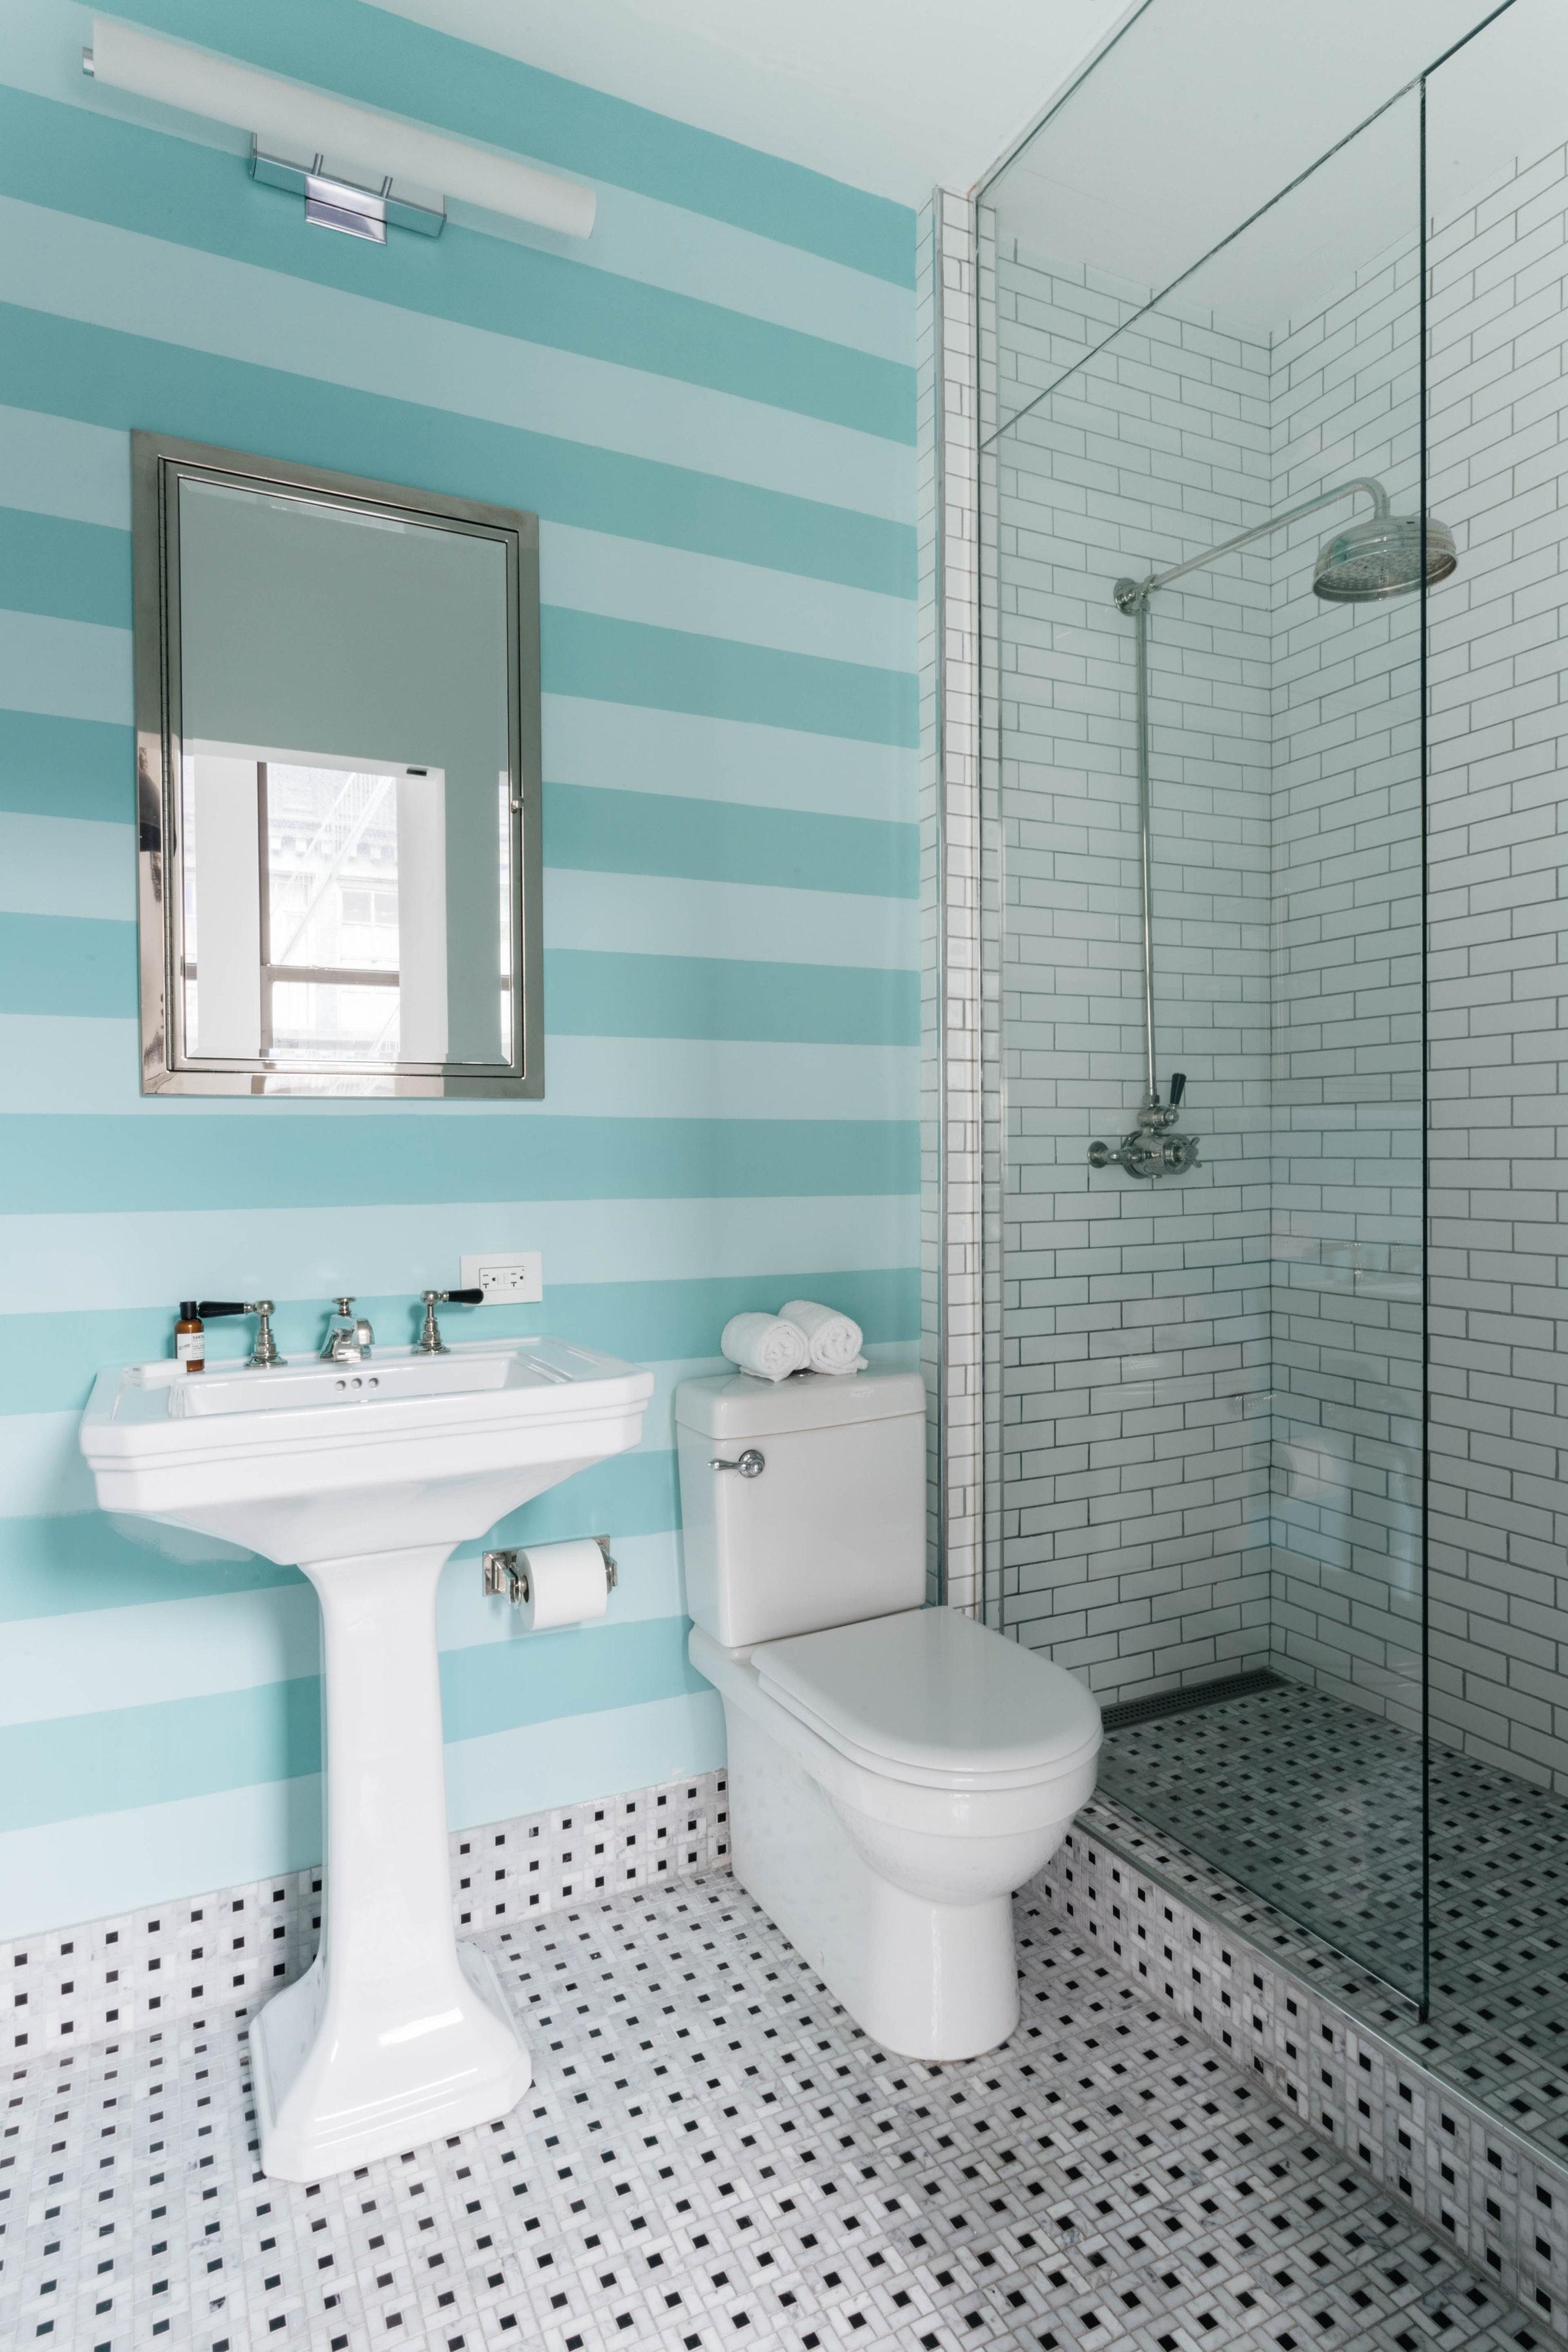 санузел раковина зеркало плитка душ